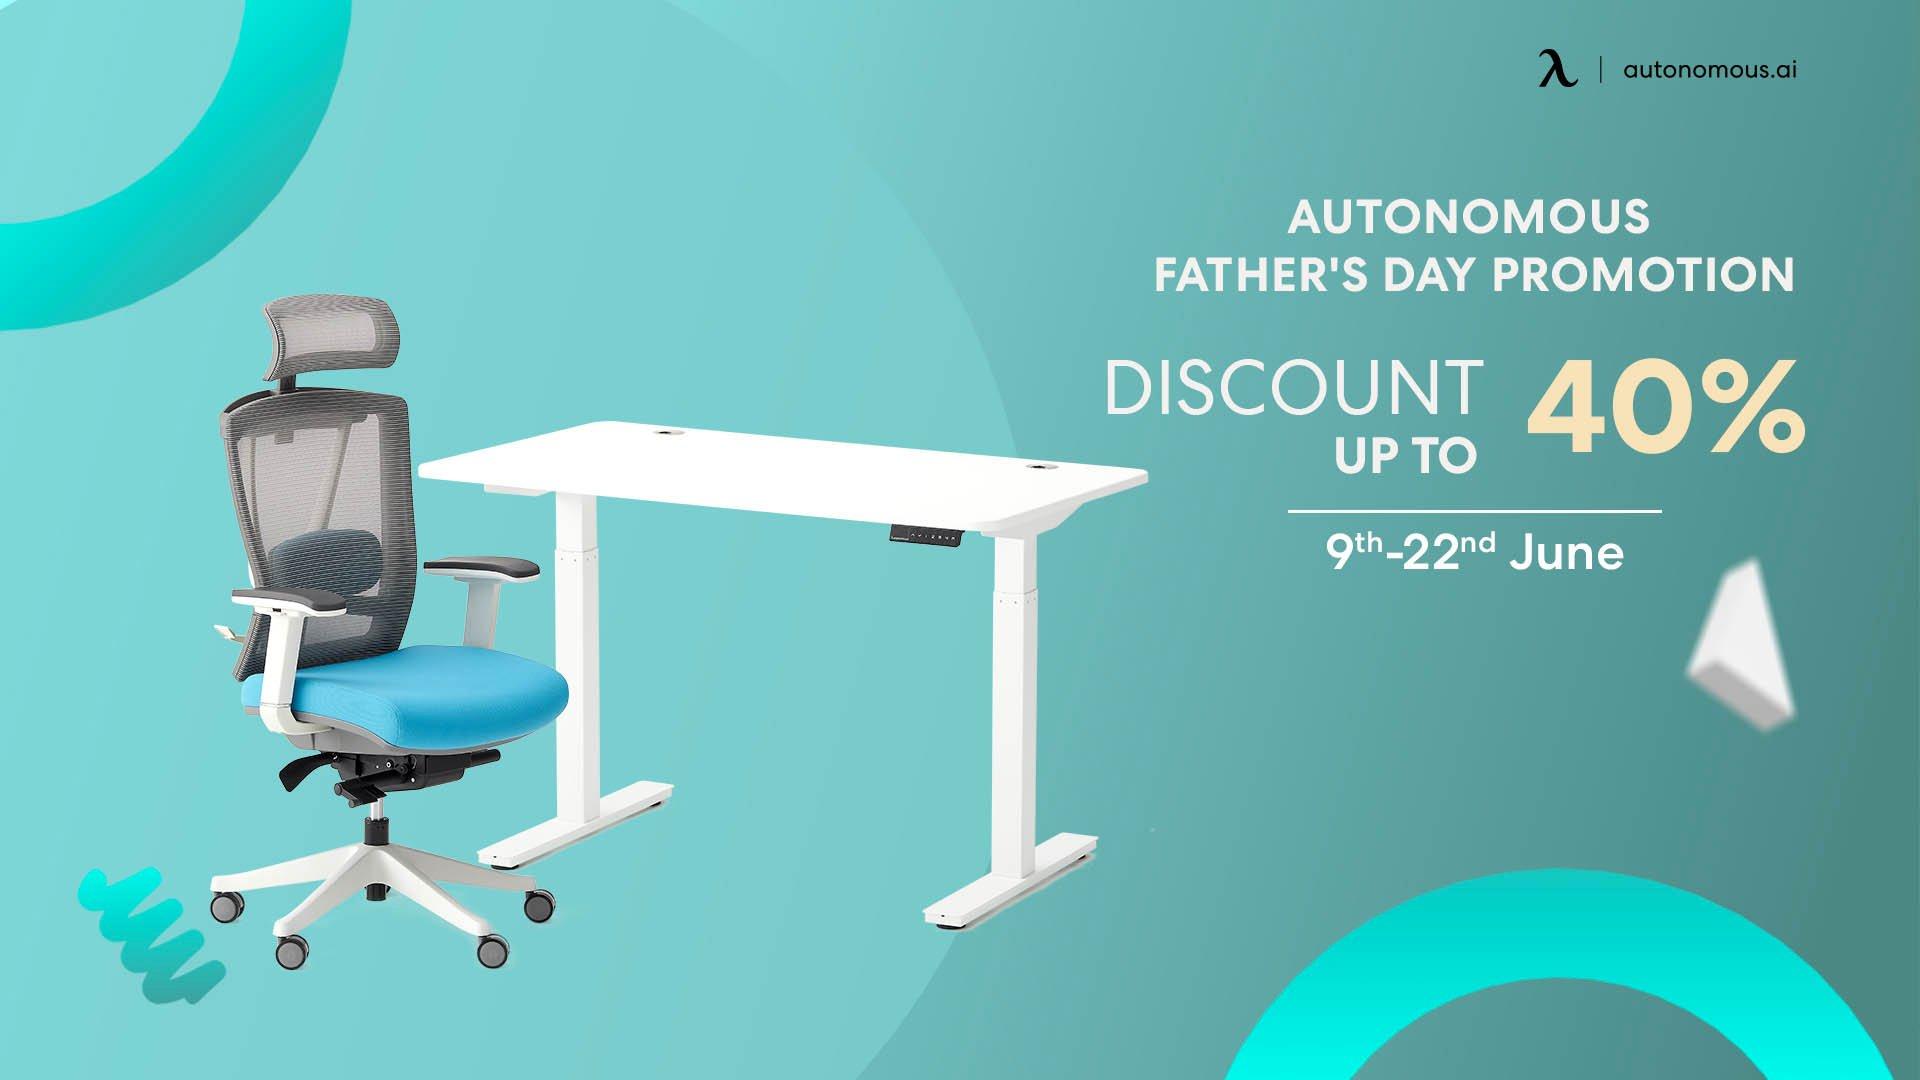 Autonomous Father's Day Promotion